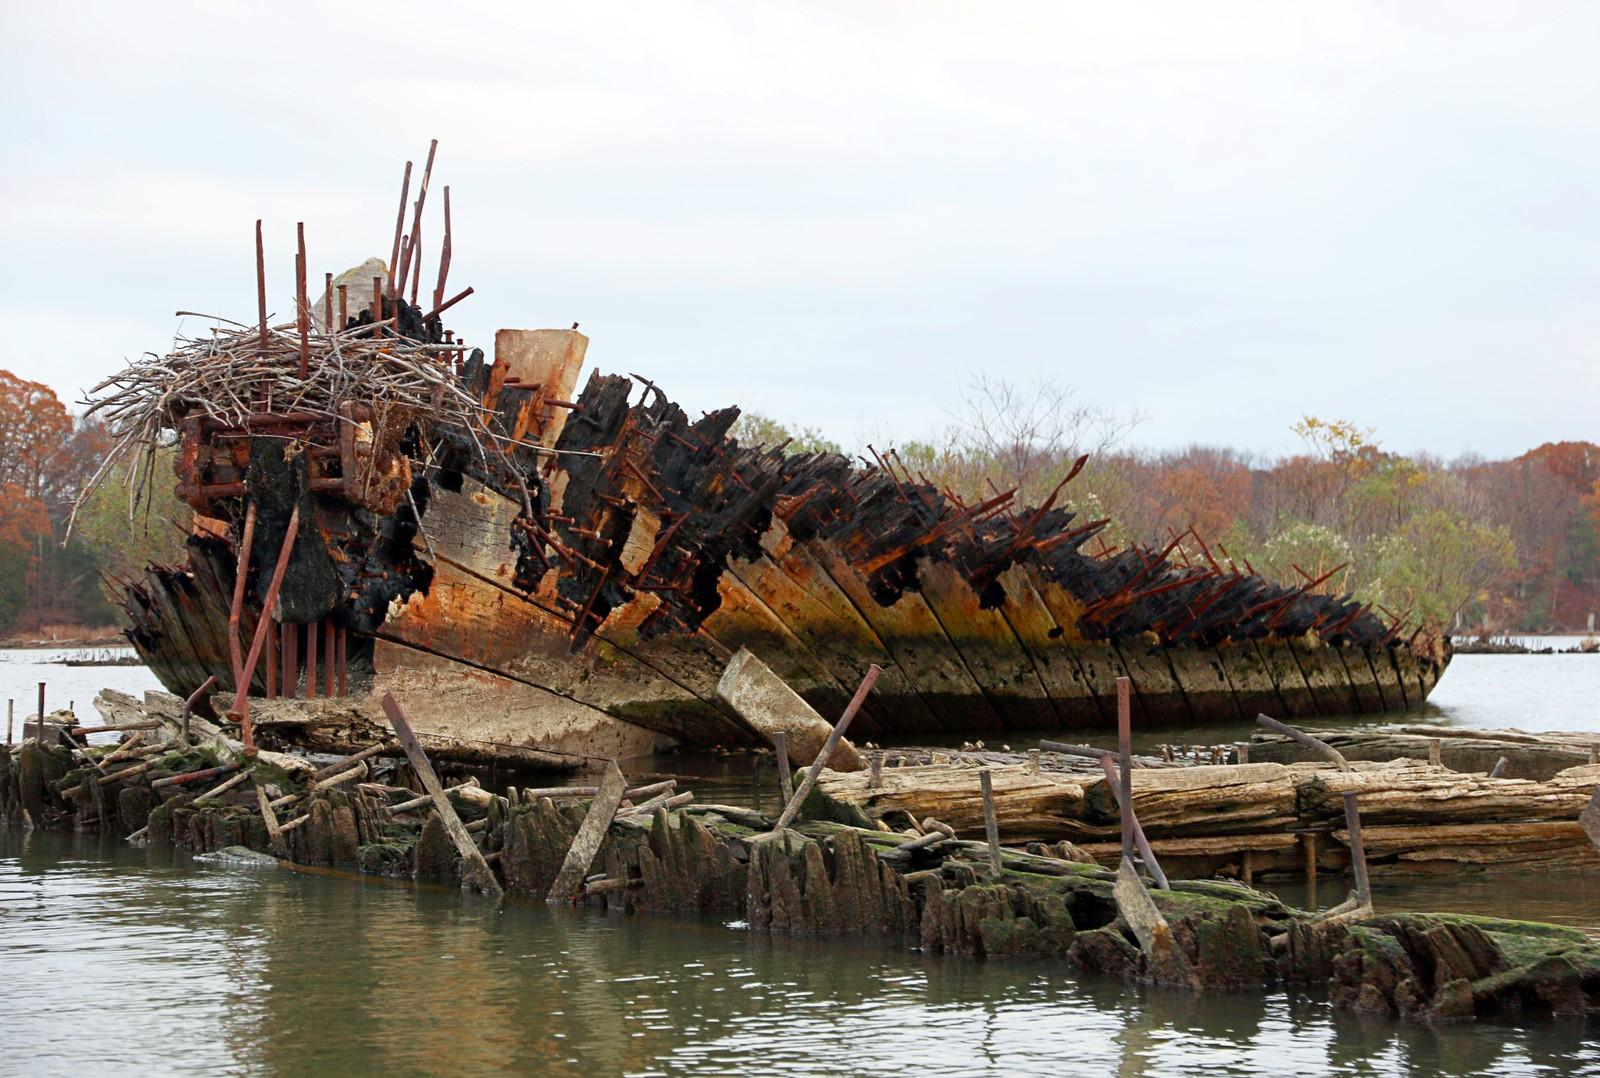 Skipsvrakene er i full oppløsning, men gir samtidig boplass til dyr og planter.